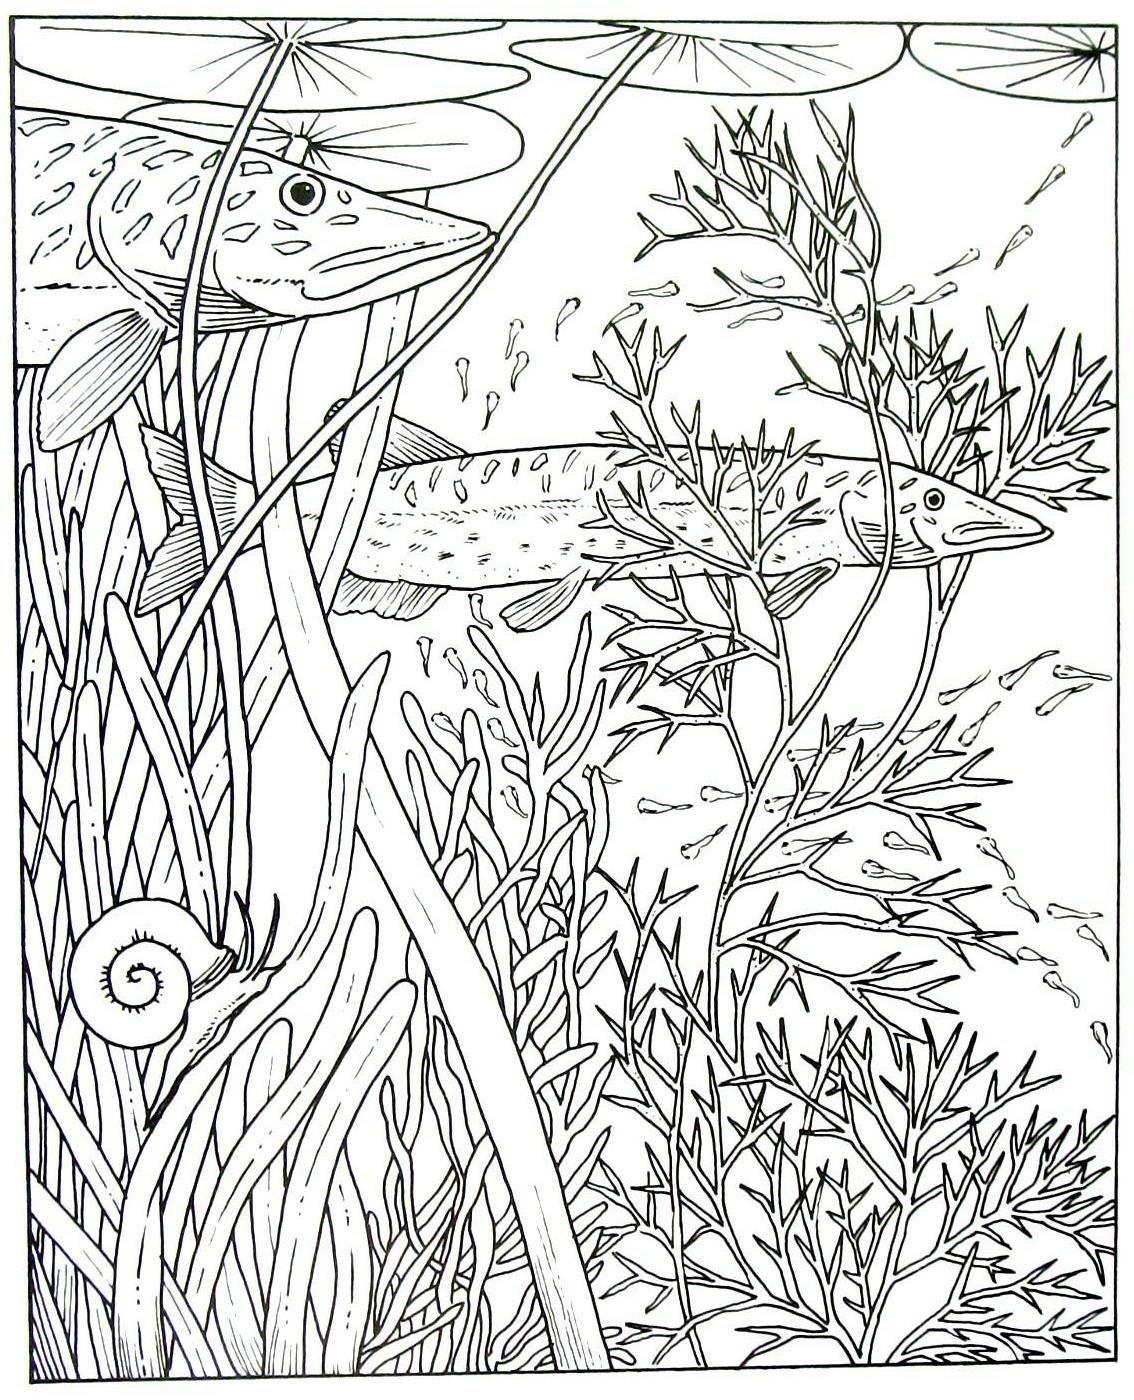 Northern Pike Animal Coloring Book Page Printable